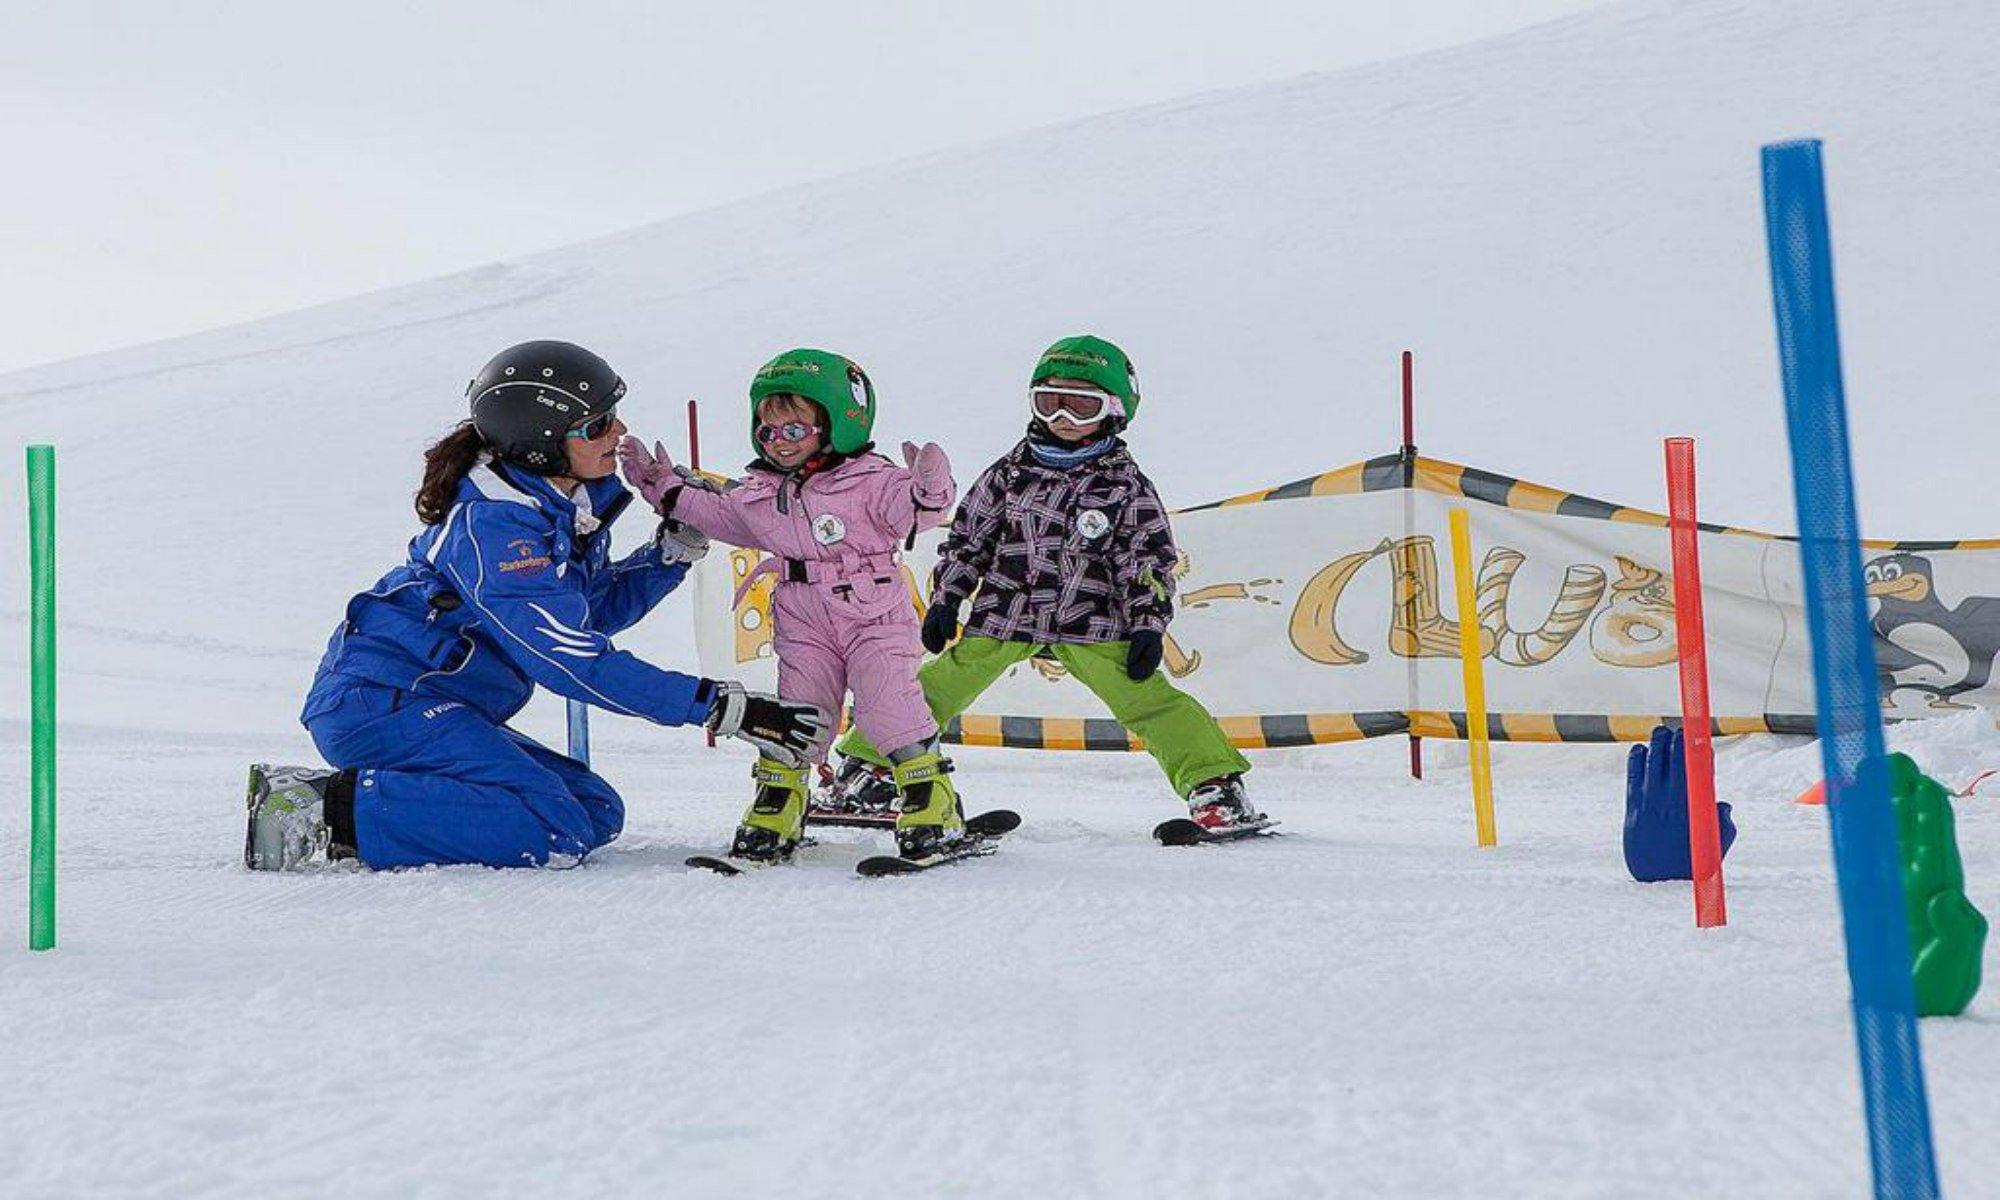 Een skilerares leert kinderen de juiste skitechniek tijdens een skiles in het skigebied van Lermoos.